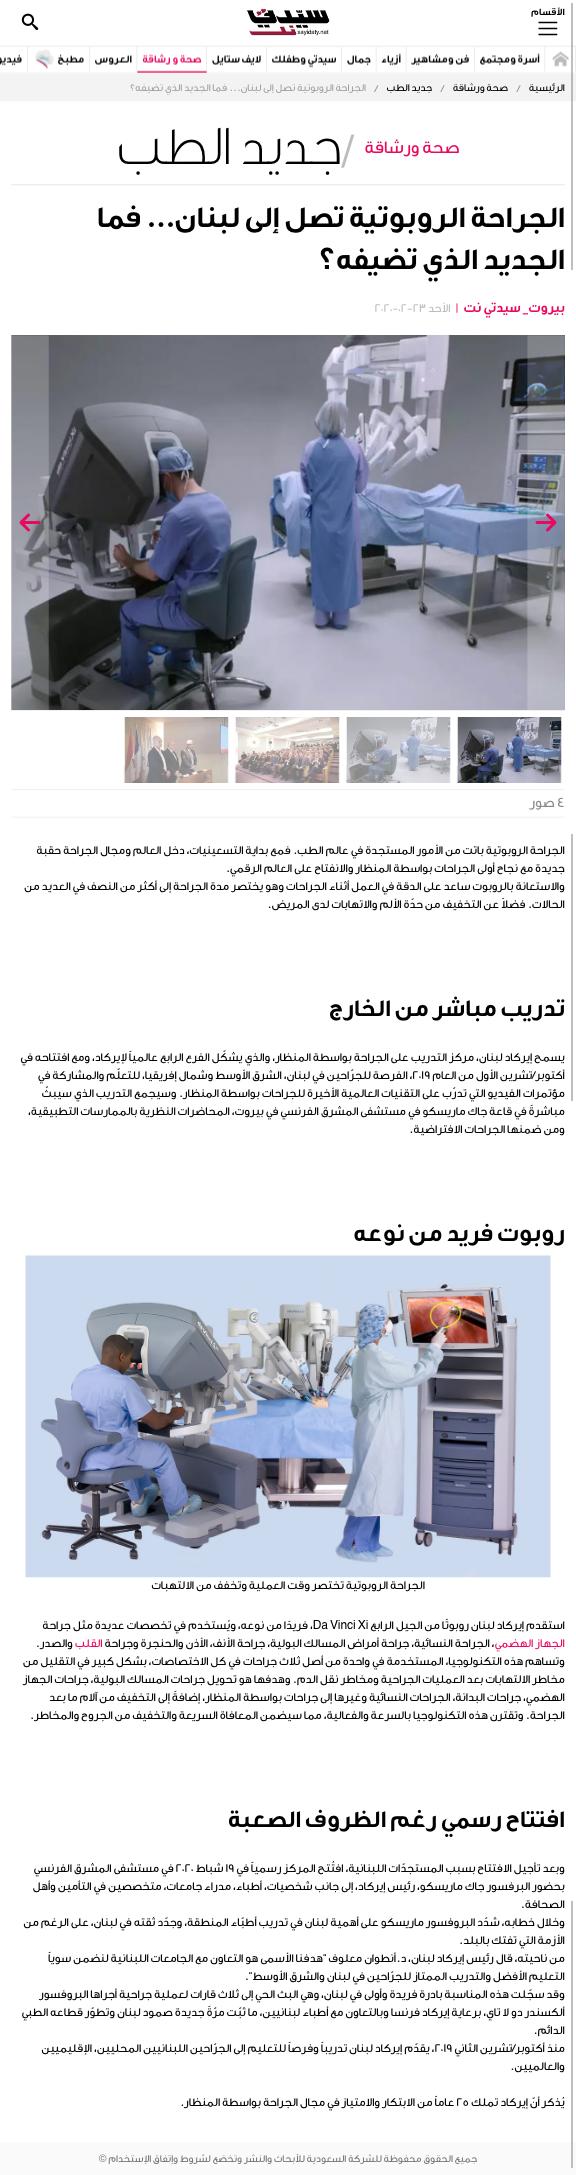 الجراحة الروبوتية تصل إلى لبنان... فما الجديد الذي تضيفه؟